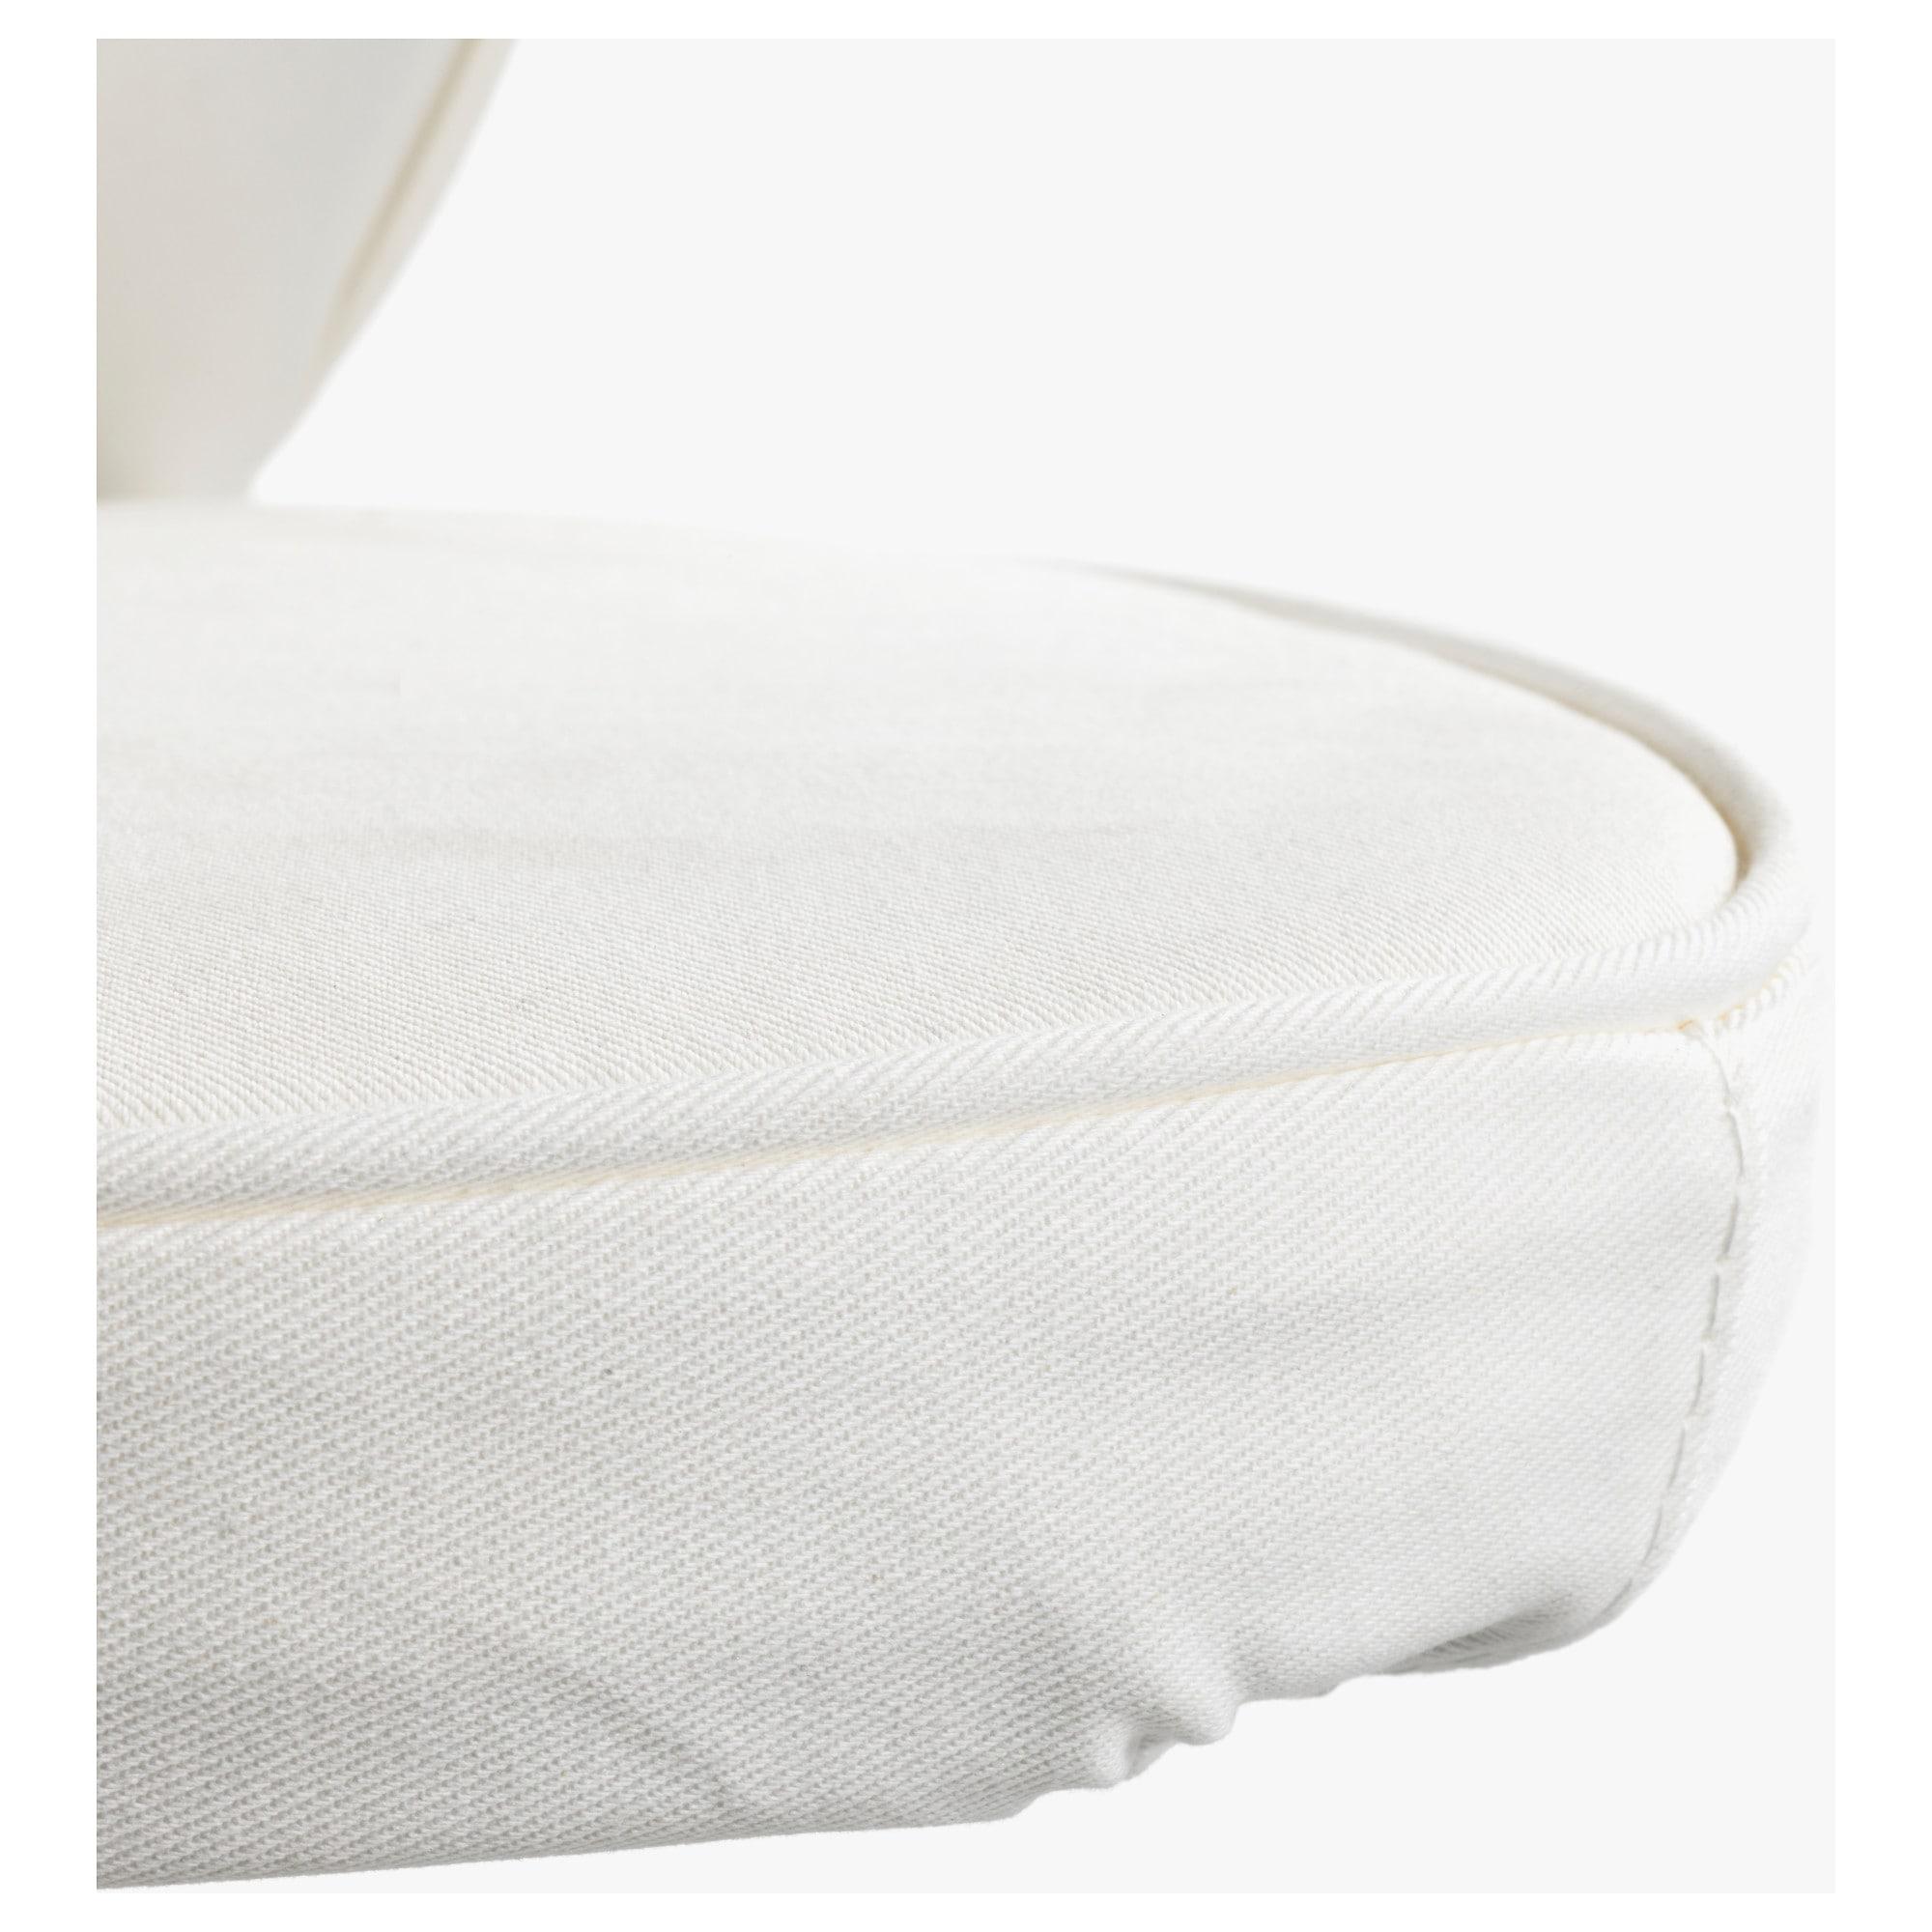 Рабочий стул ЛИЛЛХОЙДЕН белый артикуль № 503.843.45 в наличии. Онлайн магазин IKEA Республика Беларусь. Быстрая доставка и установка.